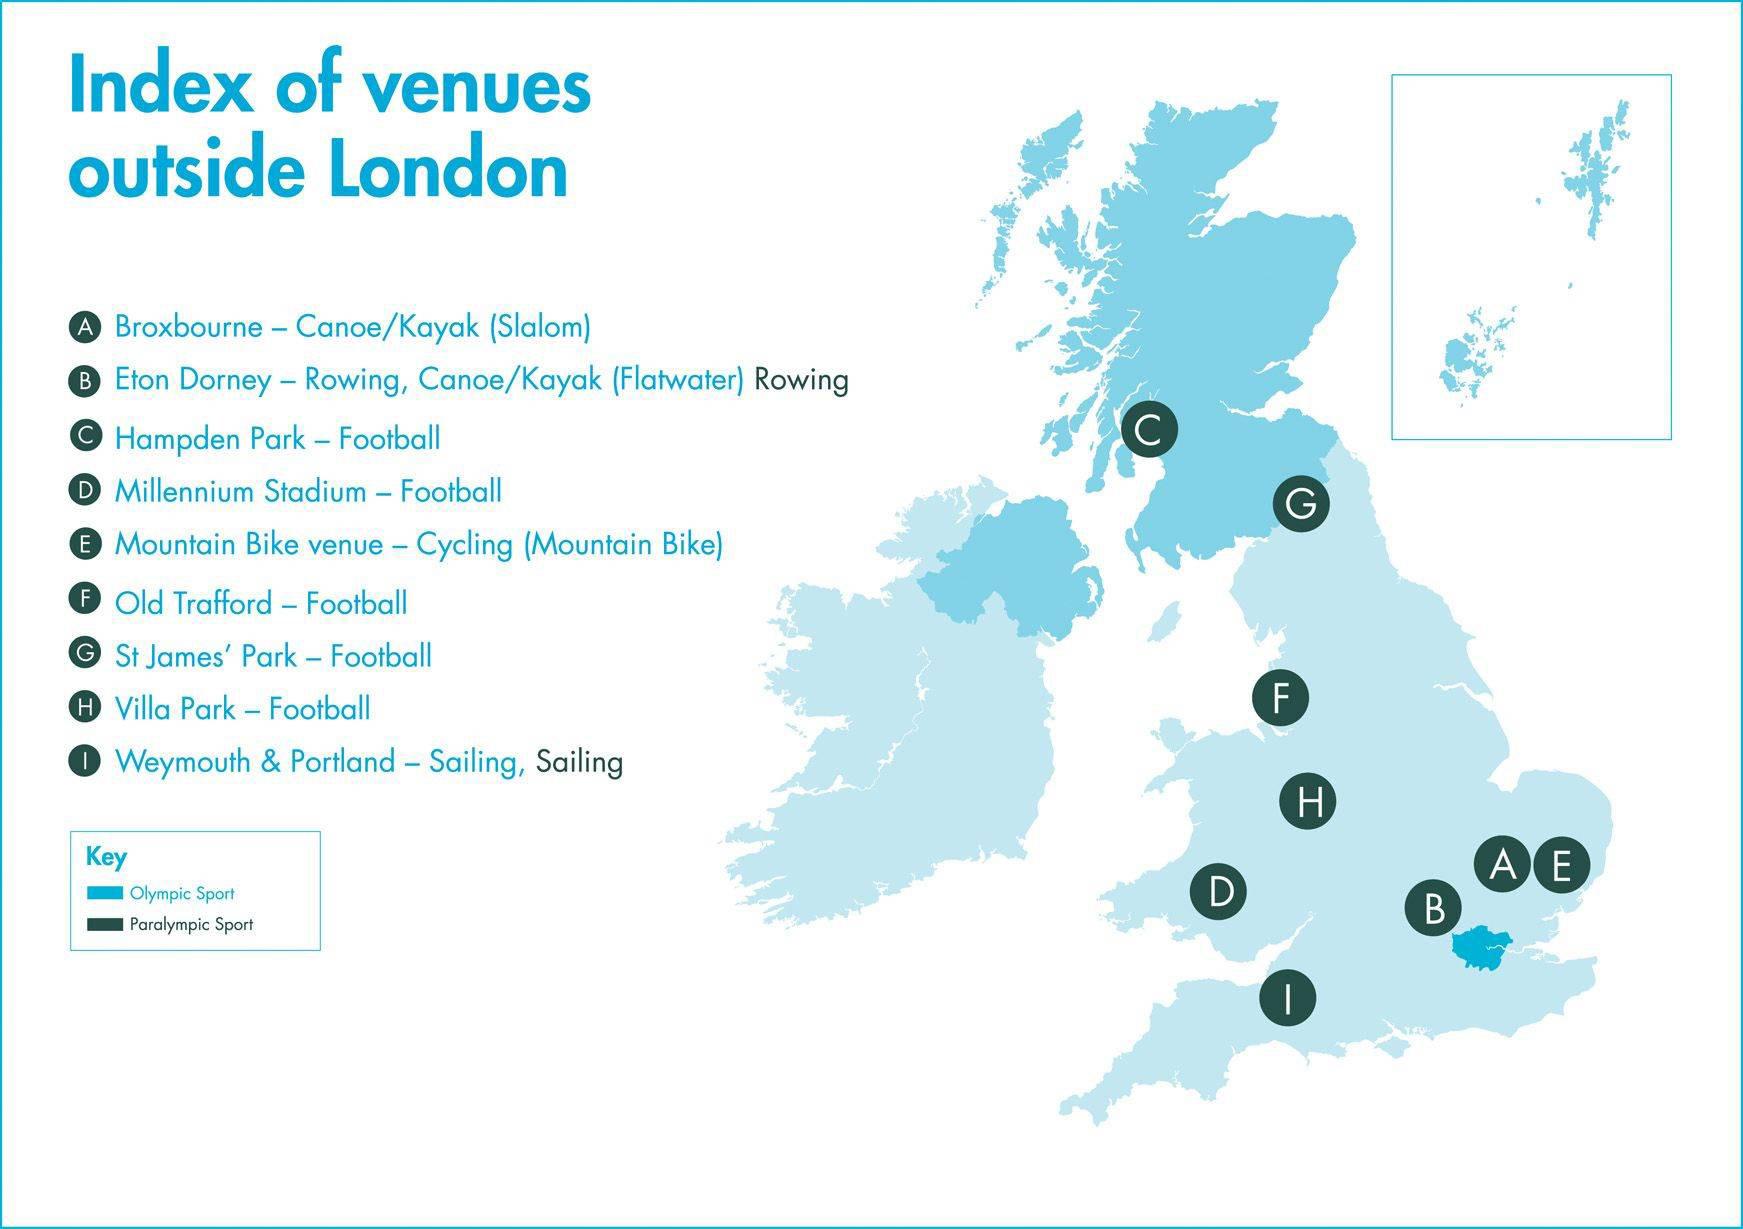 英国场馆地图图片